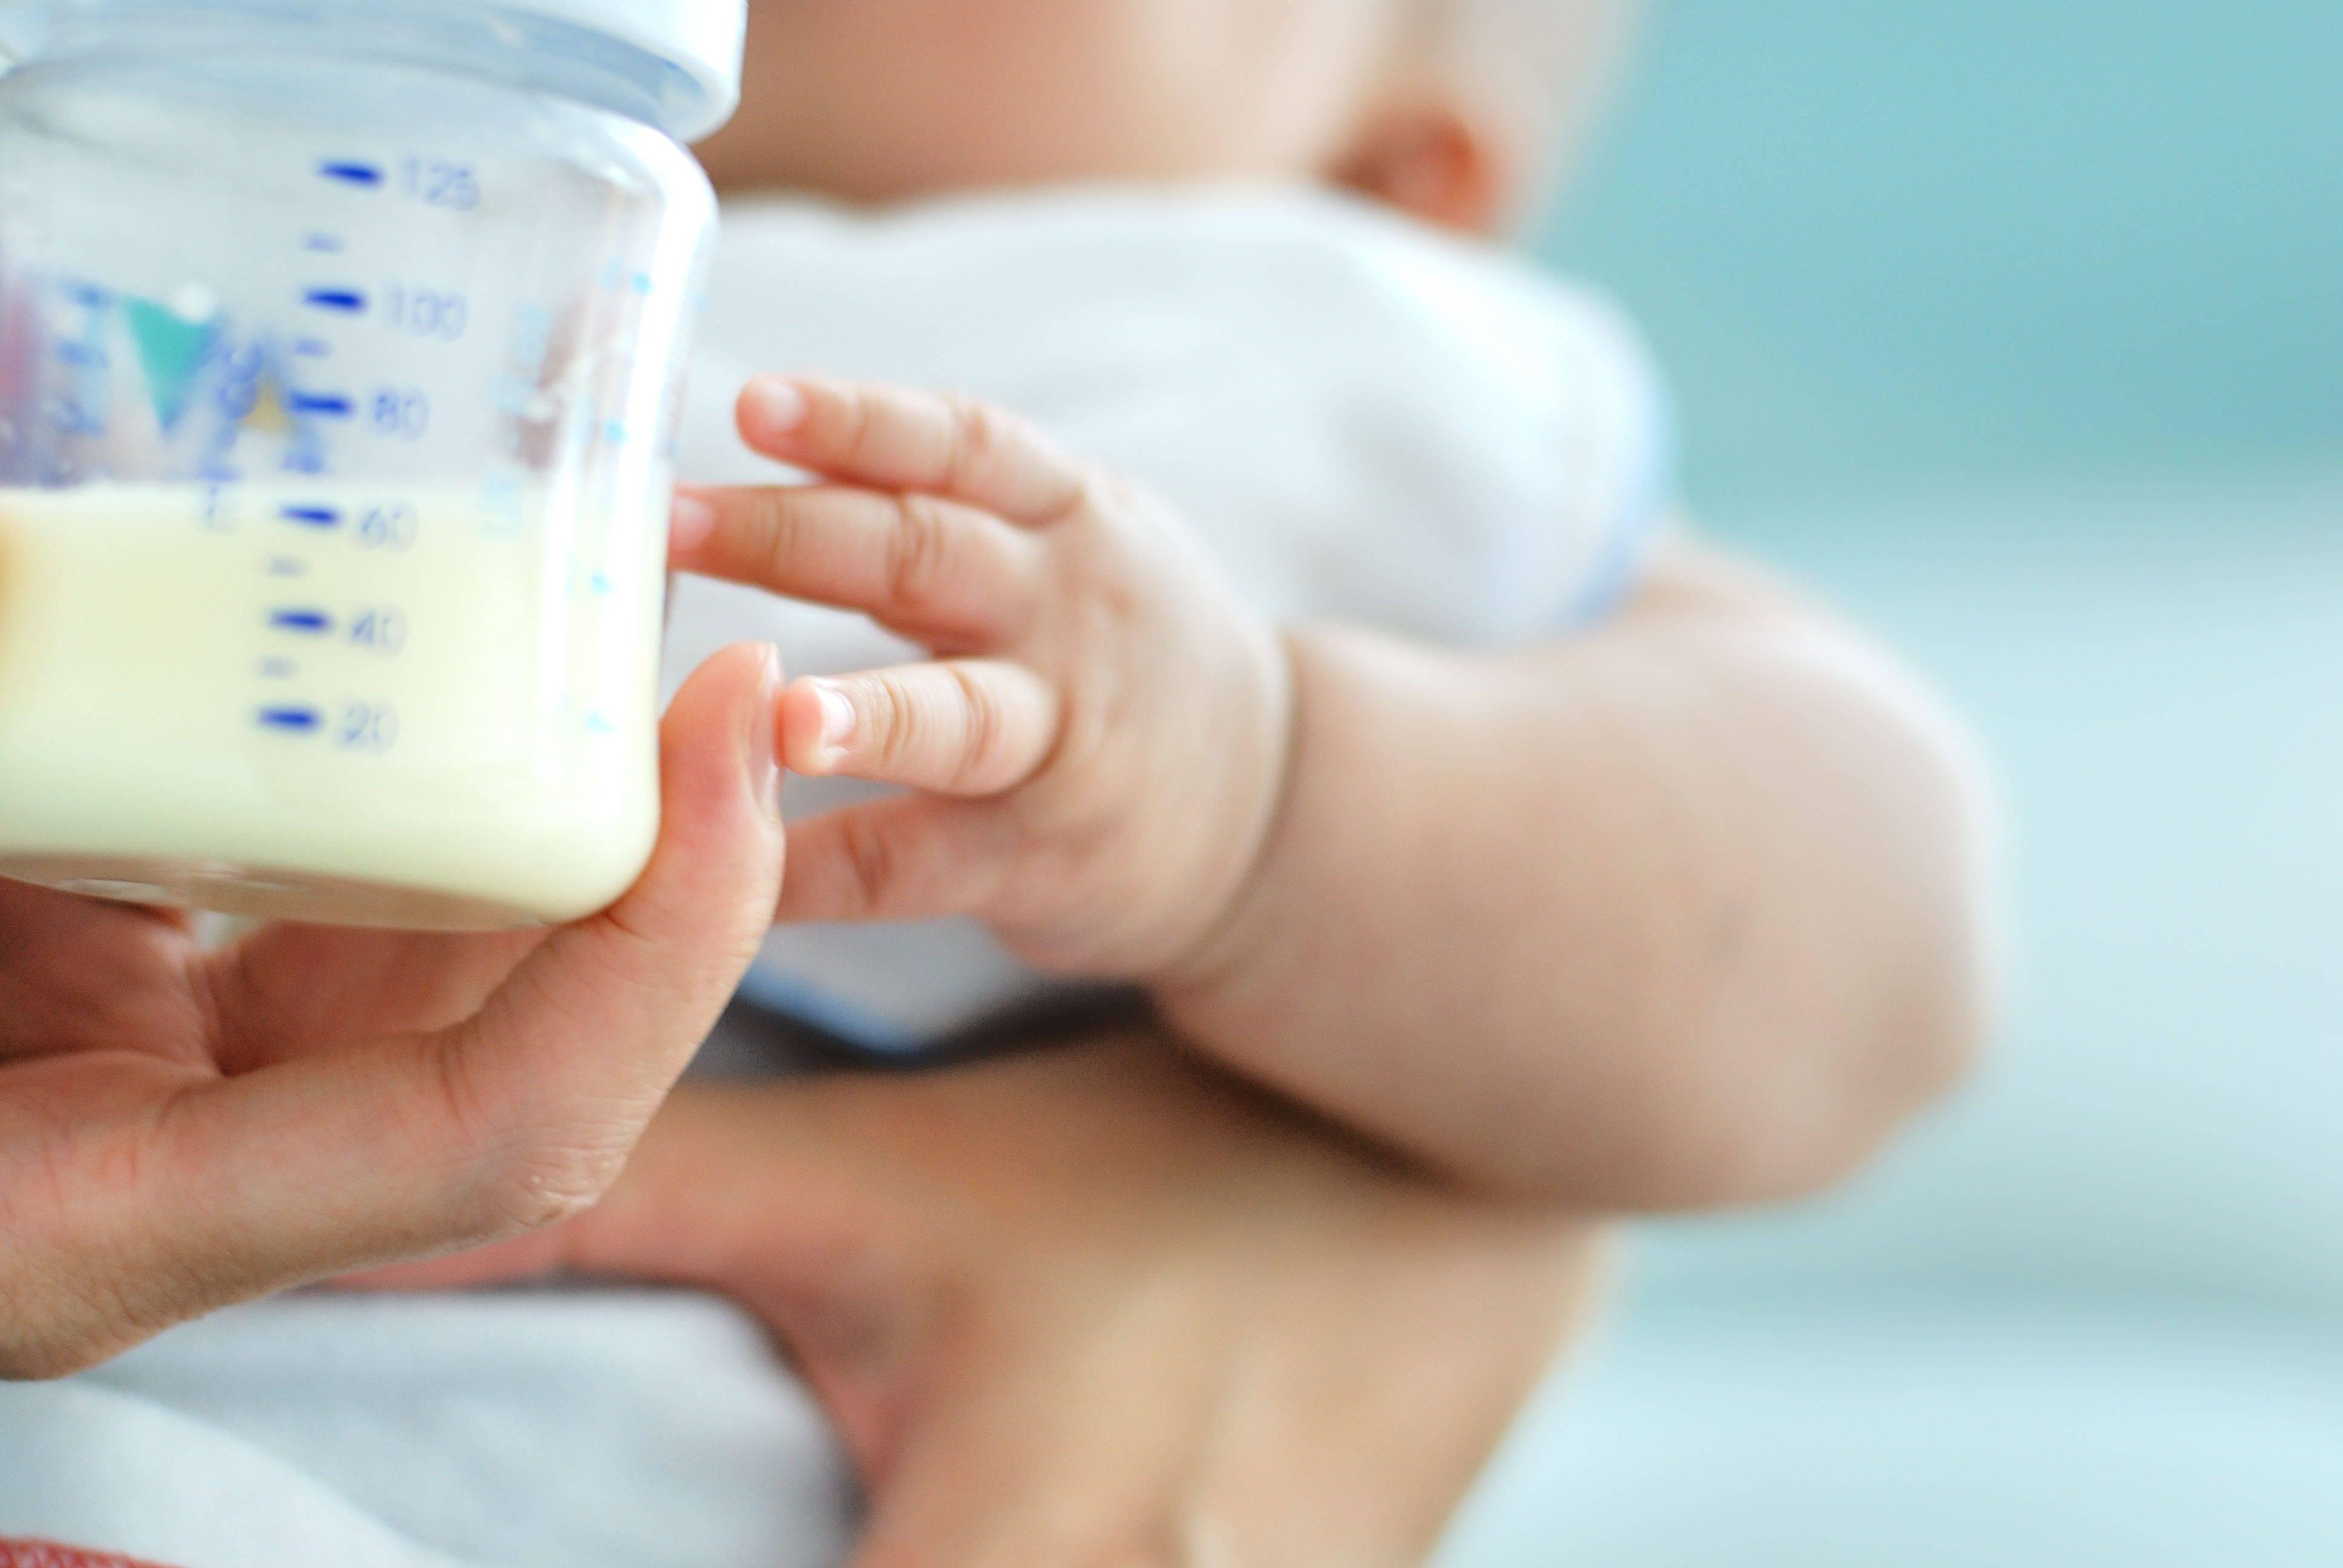 محل های عرضه شیرخشک های رژیمی و غذا های ویژه اعلام شد + فهرست